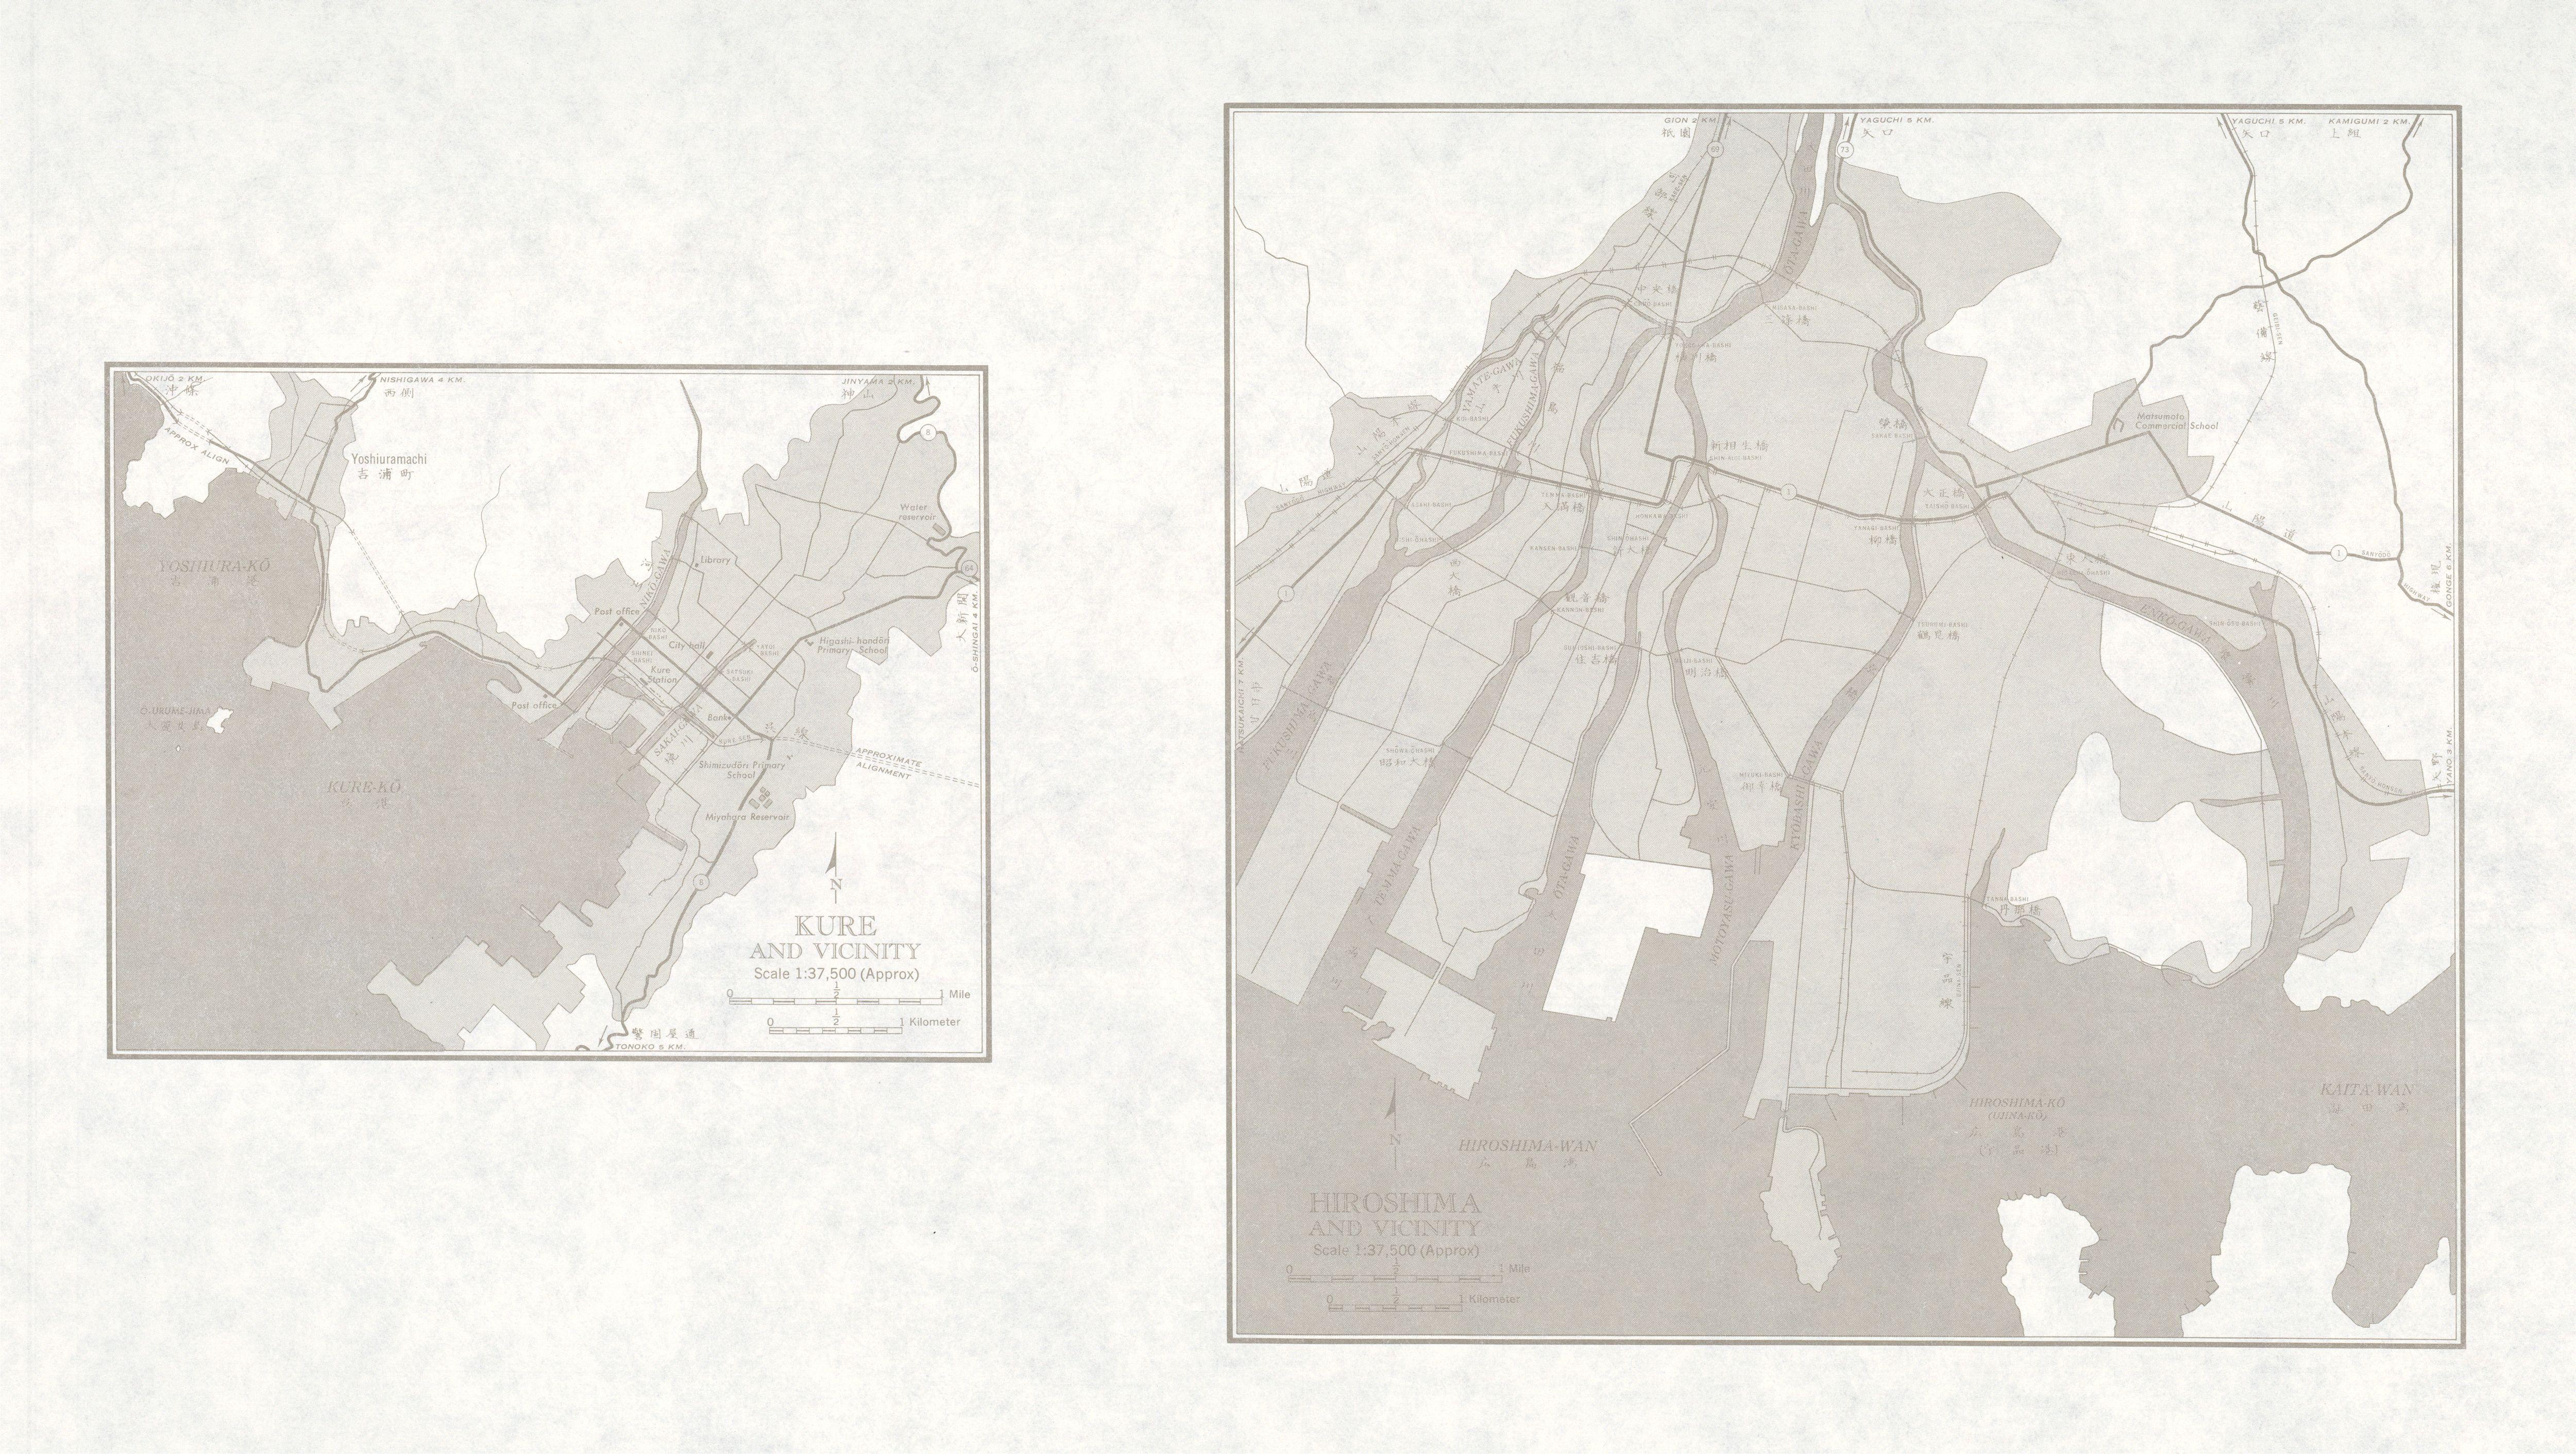 Mapas de Kure, Hiroshima y sus Cercanias, Japón 1954